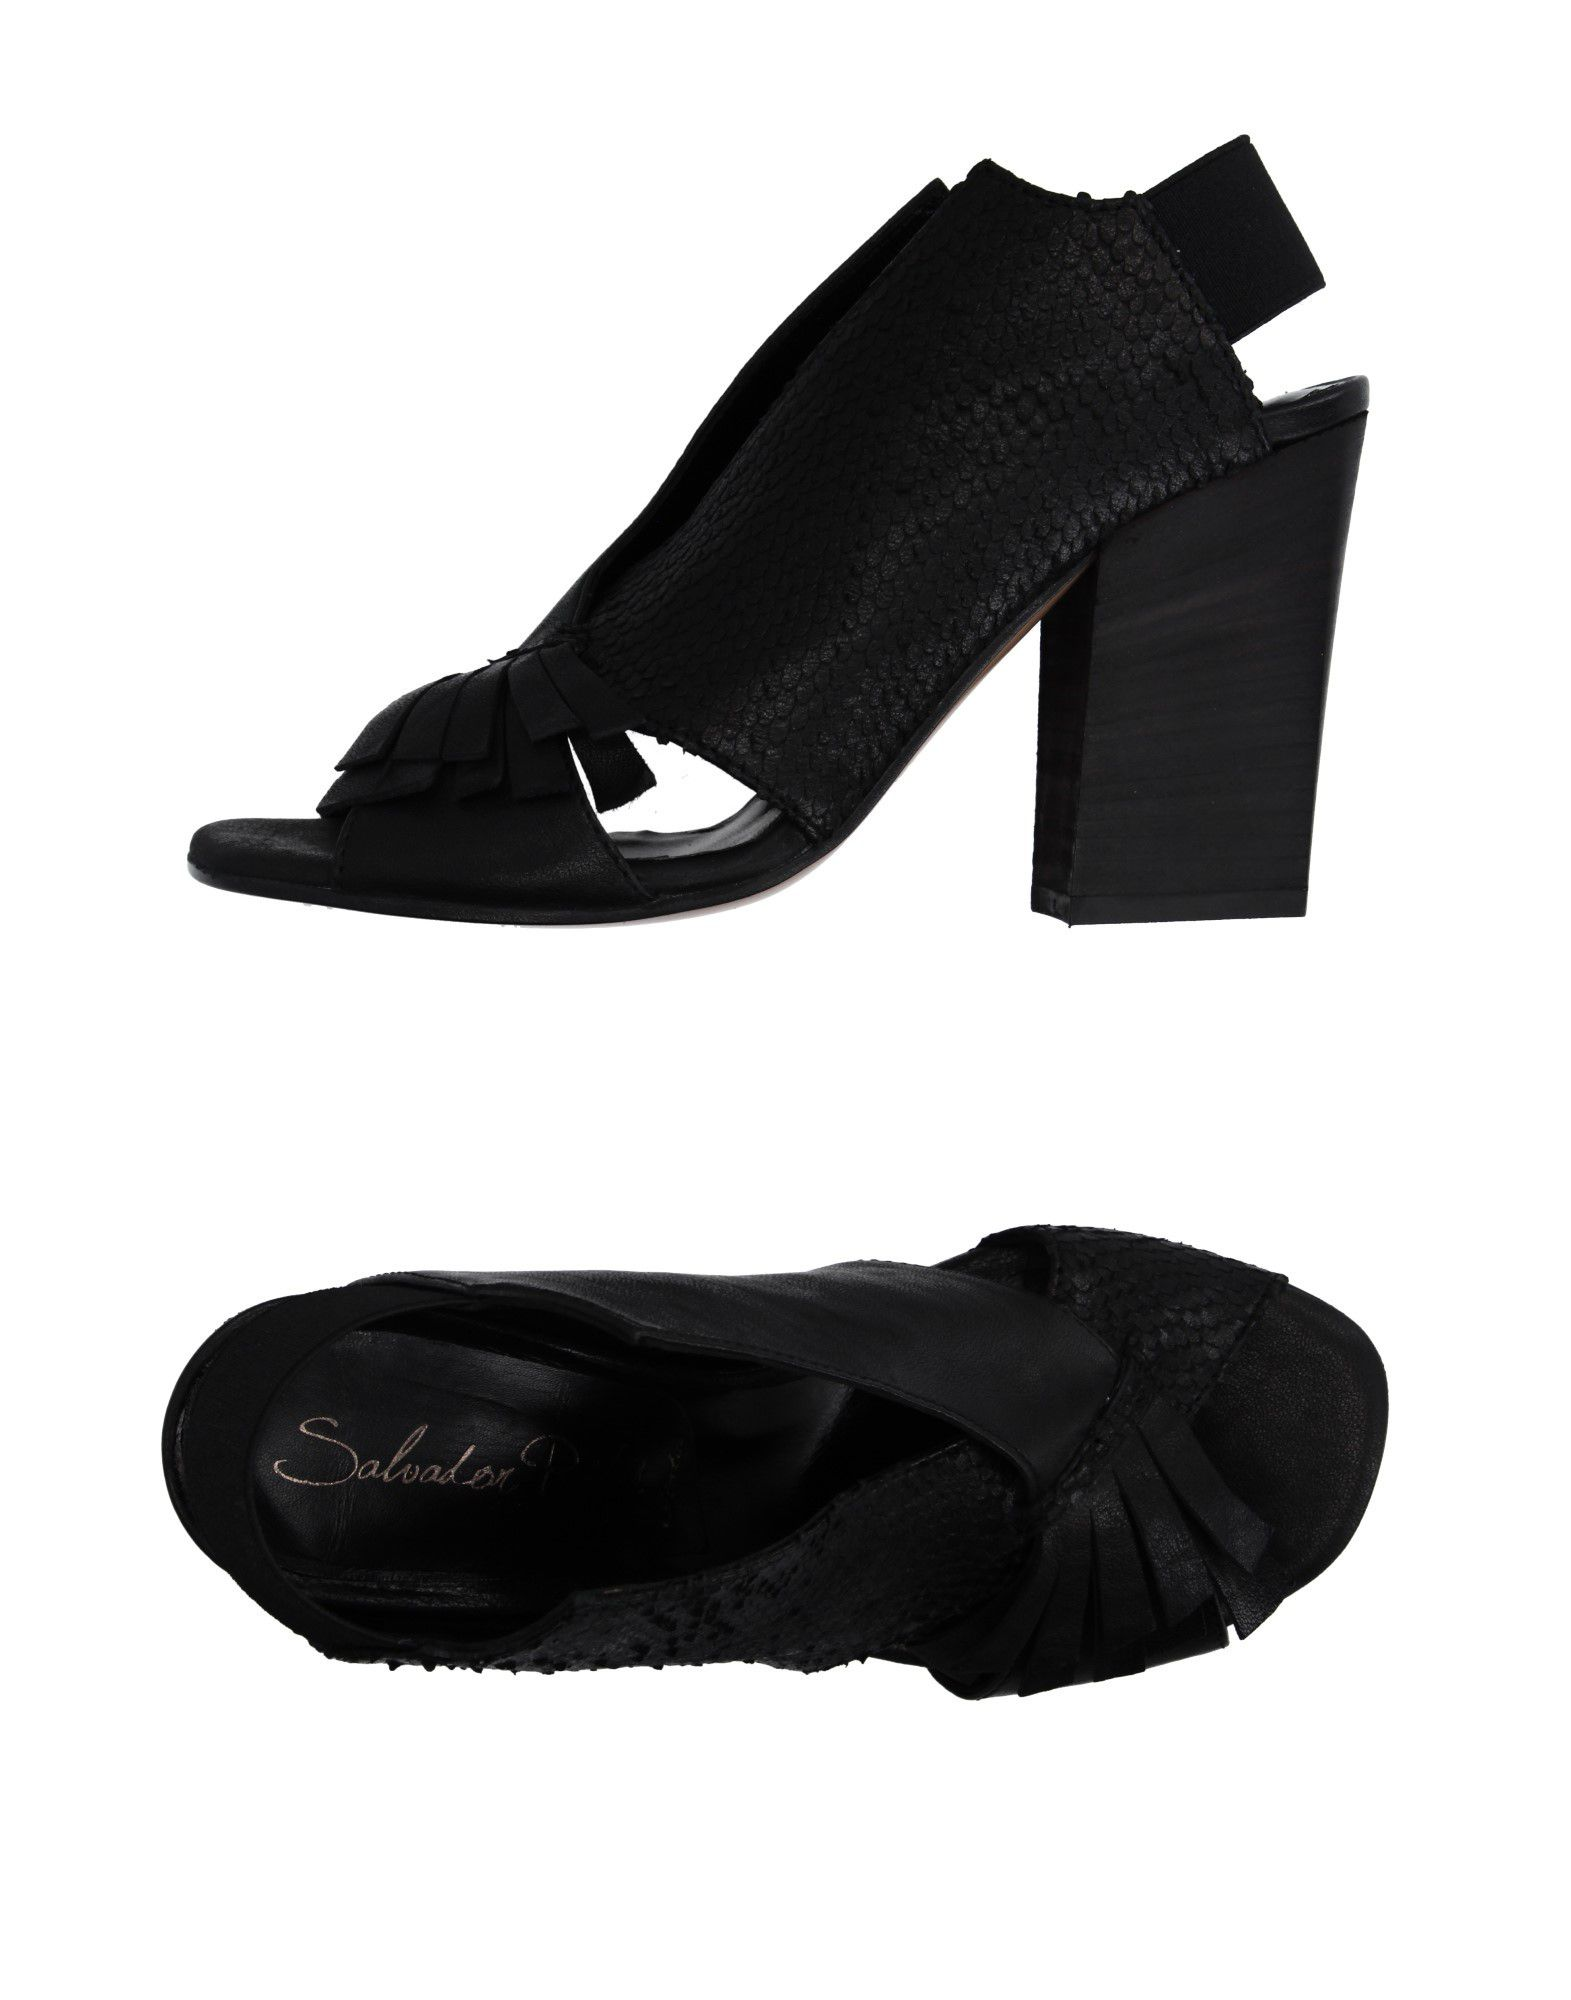 Salvador Ribes Sandalen Damen  11104130FJ 11104130FJ  Gute Qualität beliebte Schuhe d73c91